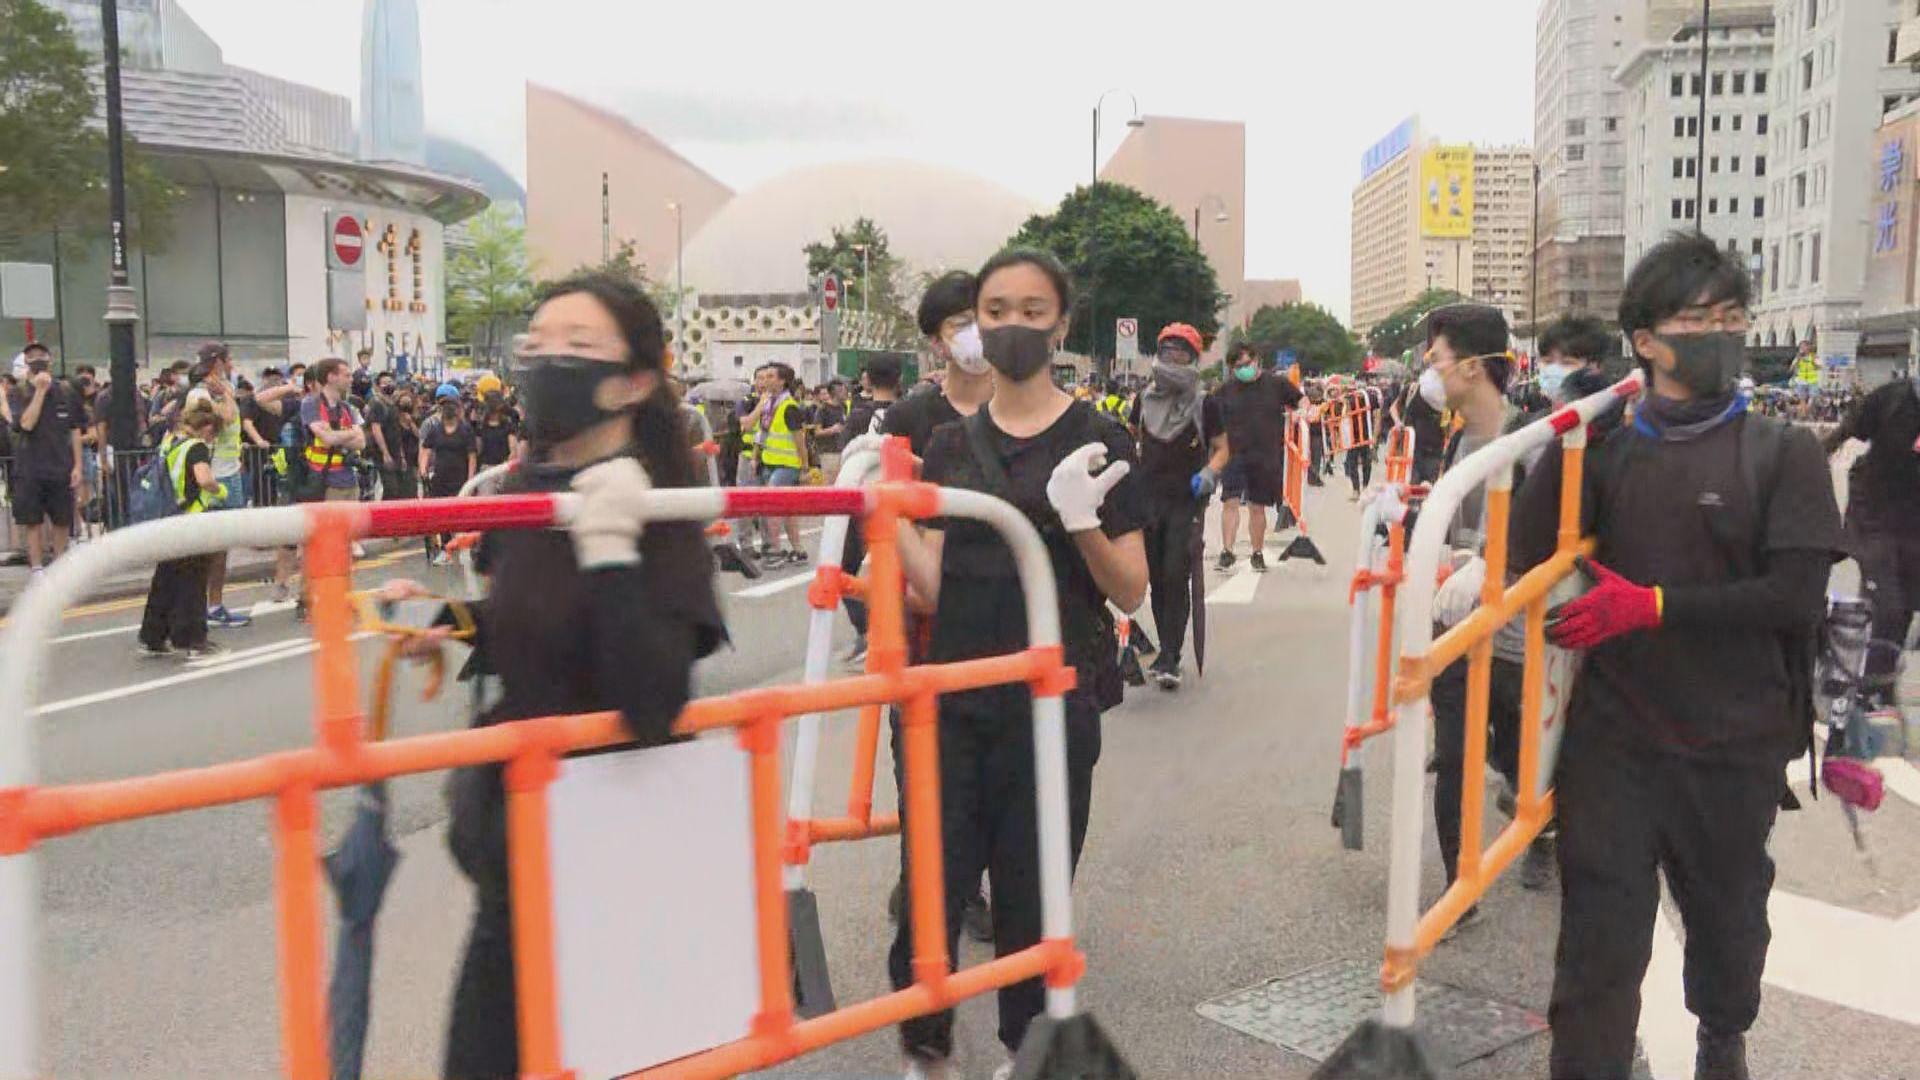 示威者於尖沙咀一帶道路築路障